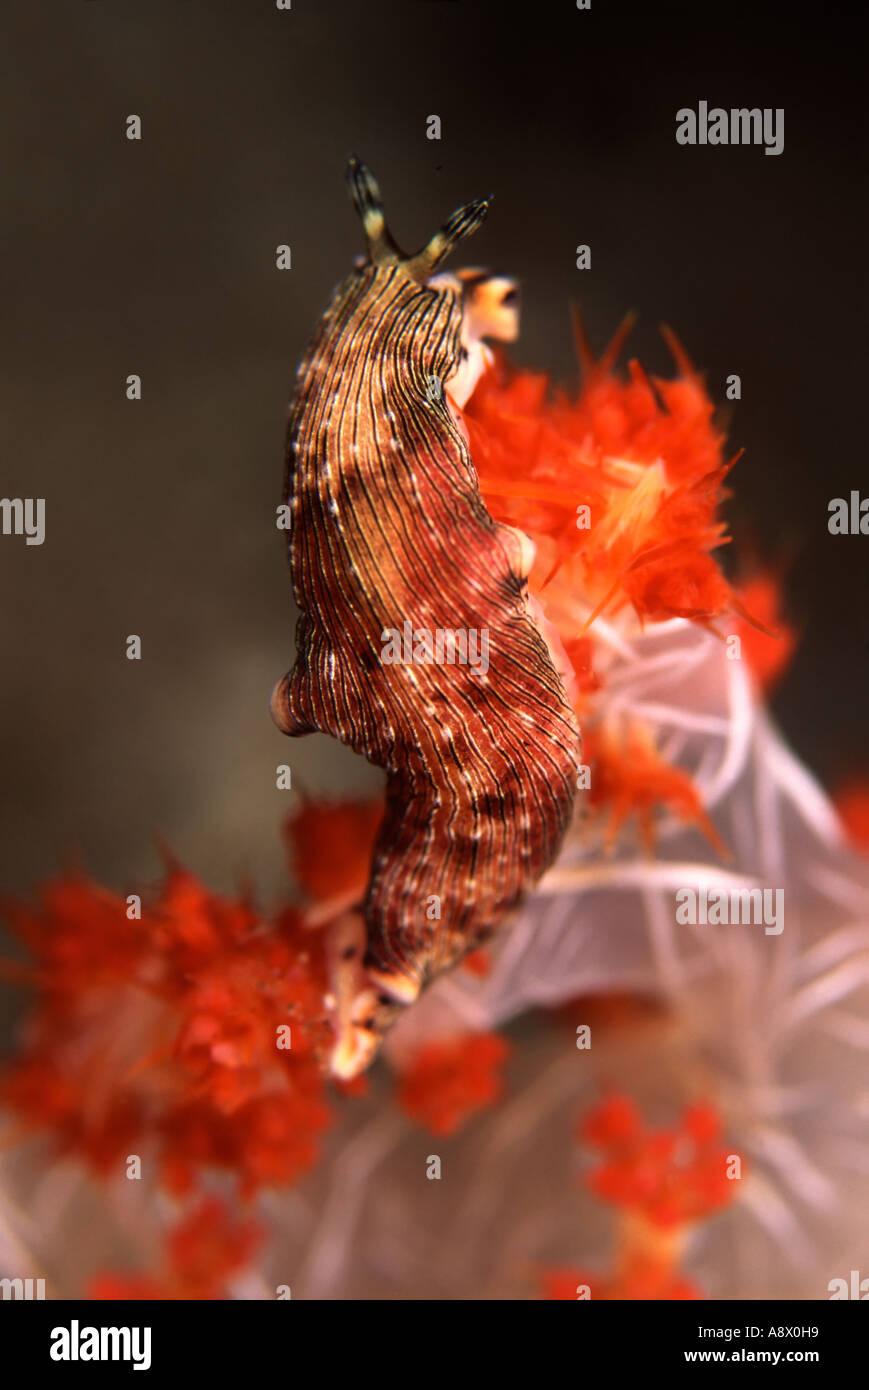 Armina sp. - Stock Image